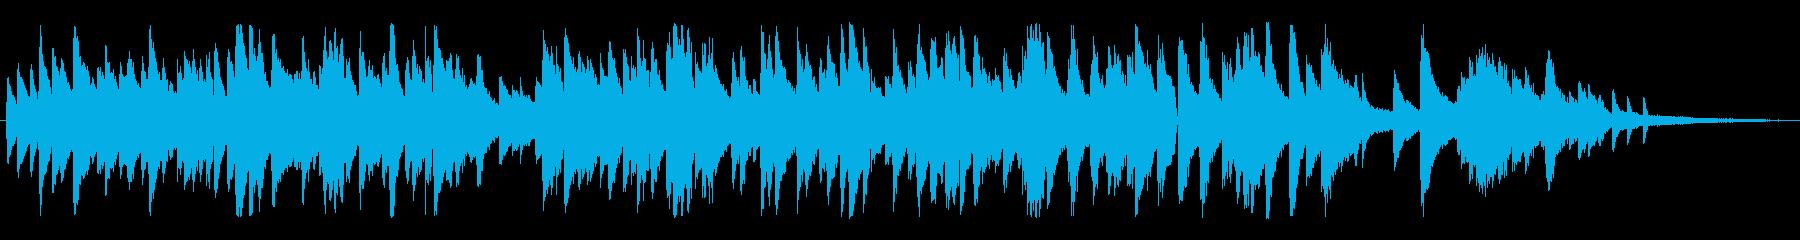 ムーディーなジャズ風ラウンジピアノソロの再生済みの波形